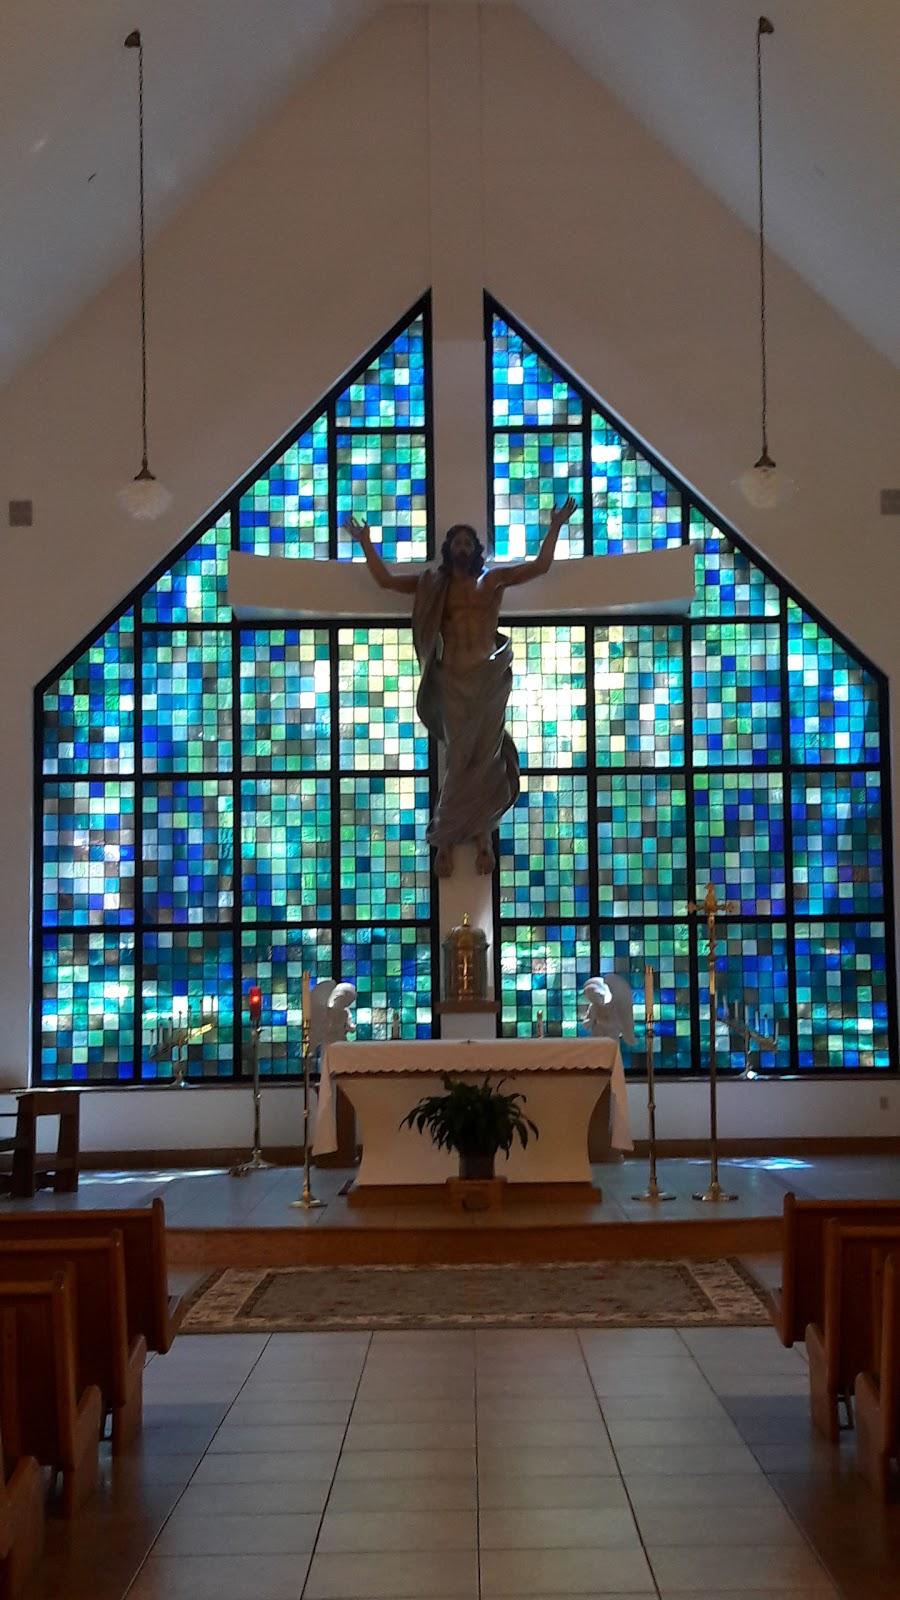 Mary Help Of Christians Catholic Chapel - church  | Photo 9 of 10 | Address: 174 Filors Ln, Stony Point, NY 10980, USA | Phone: (845) 947-2200